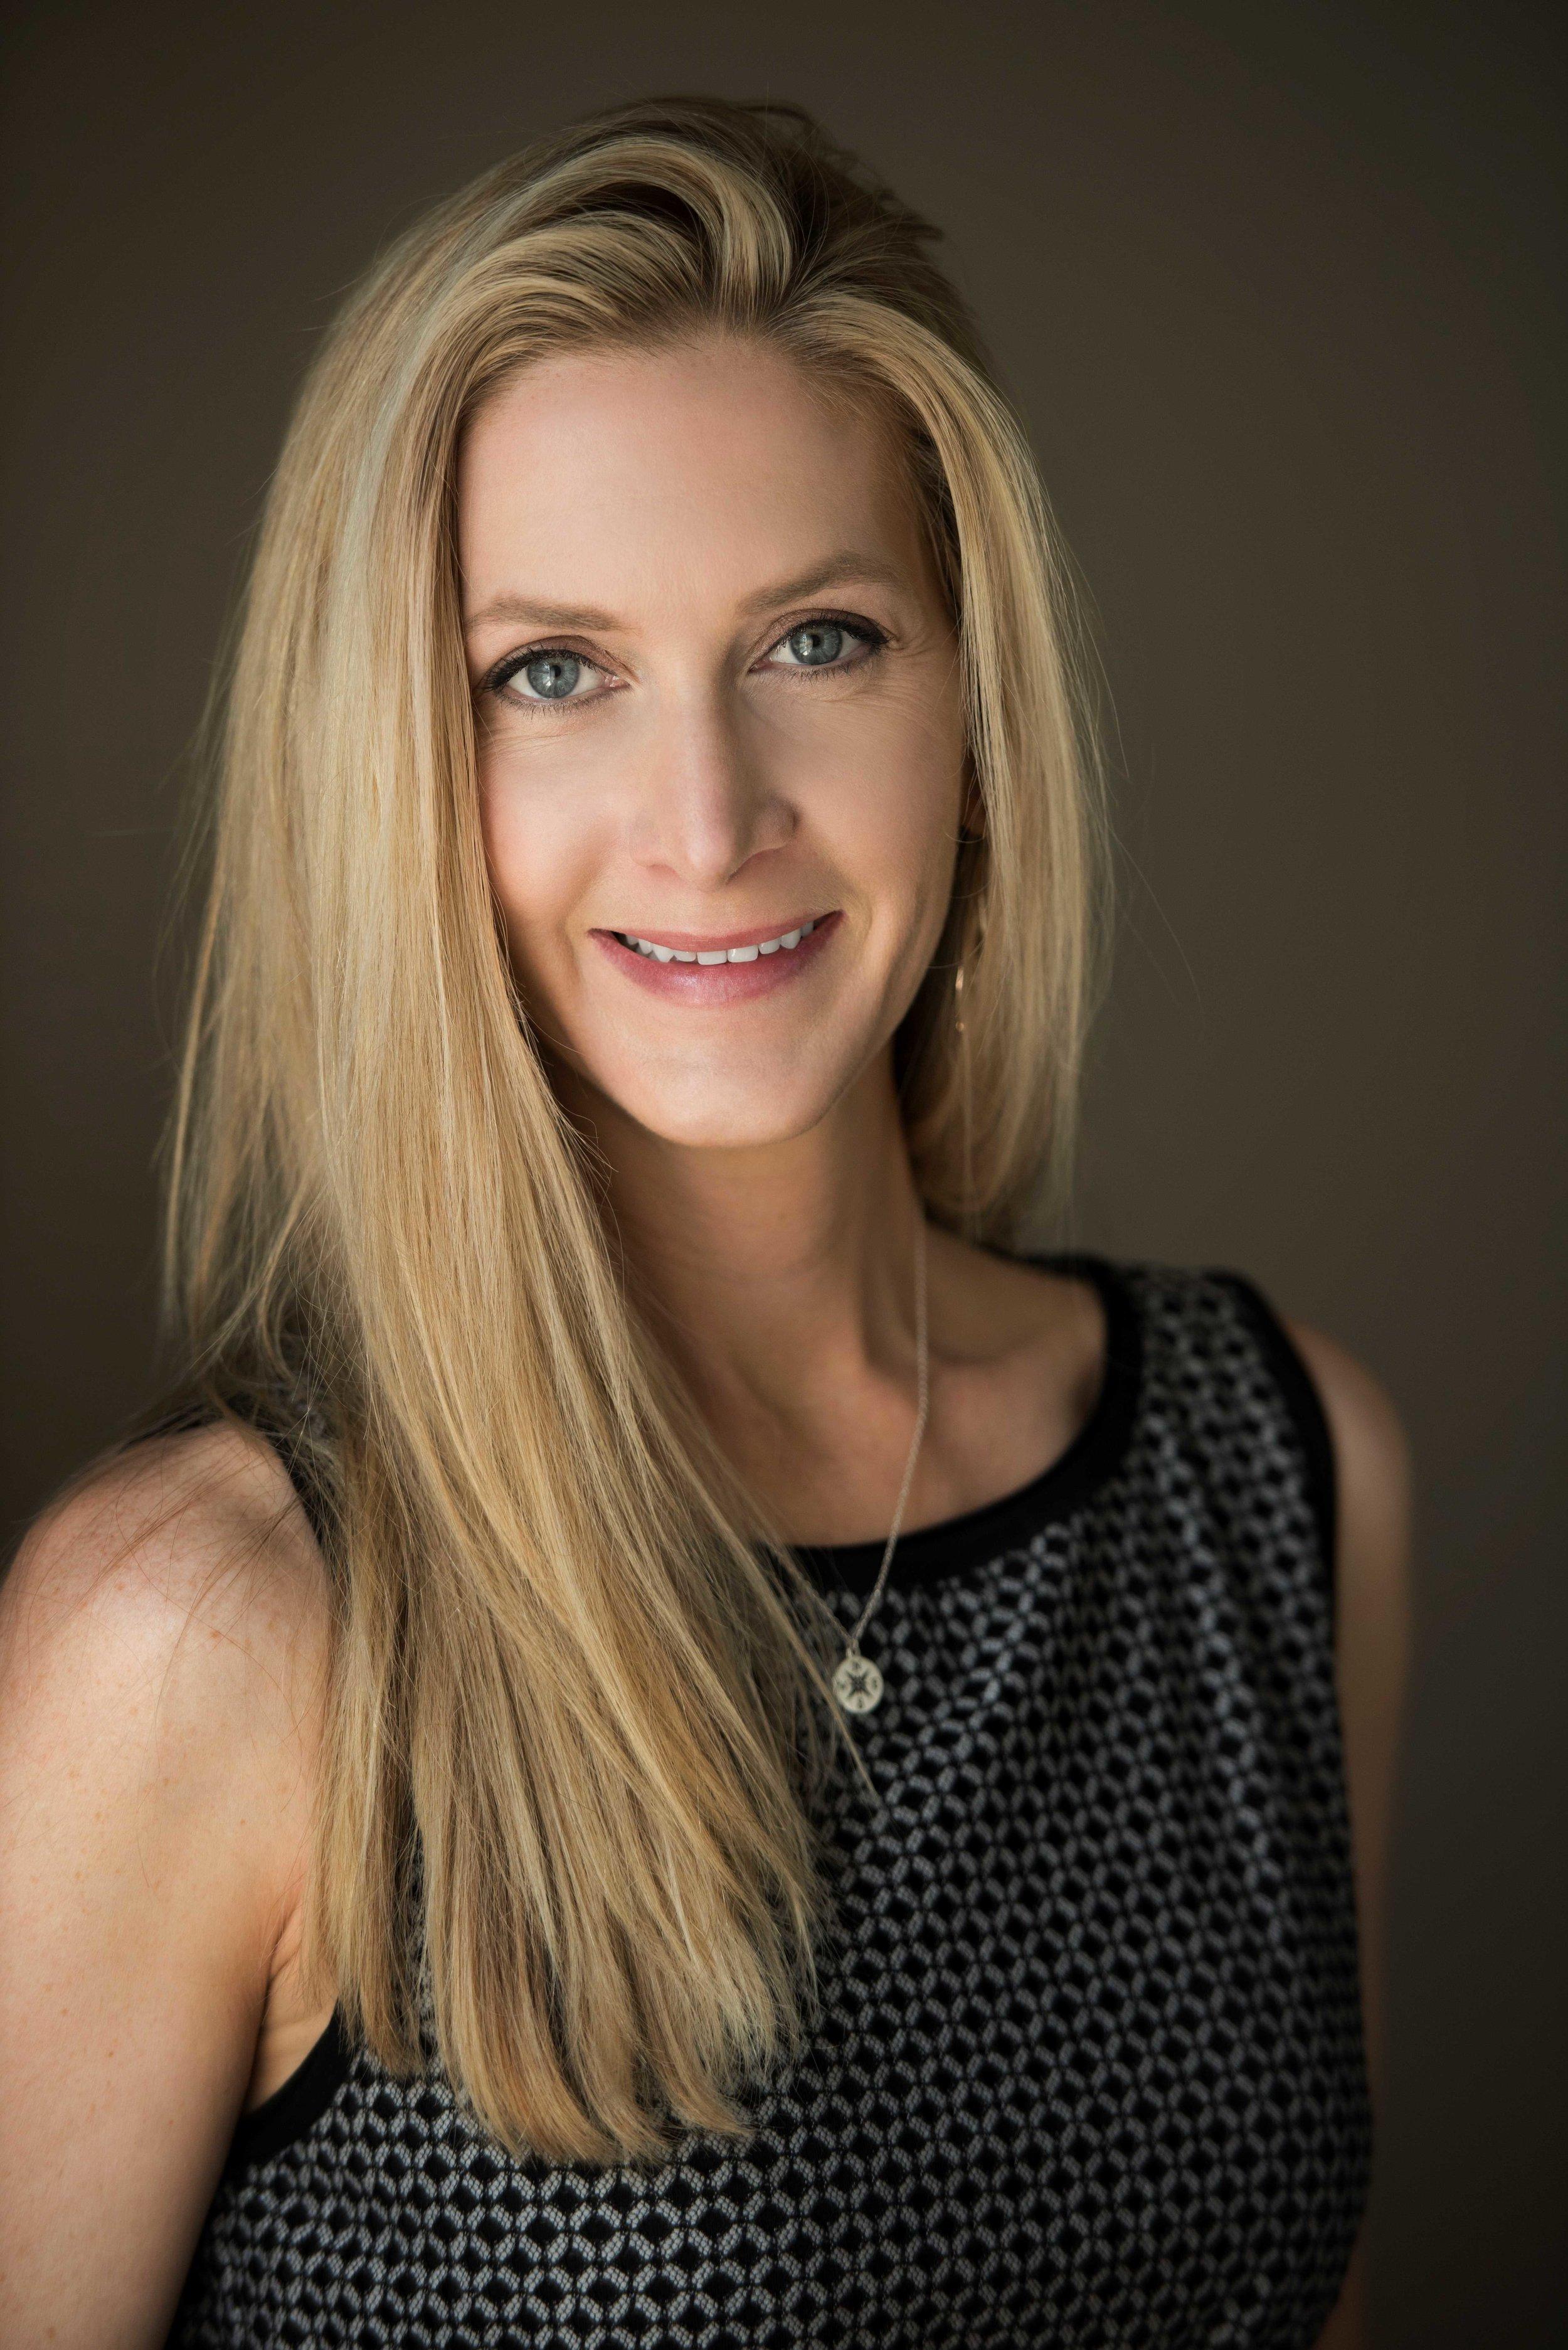 Allison Hadley